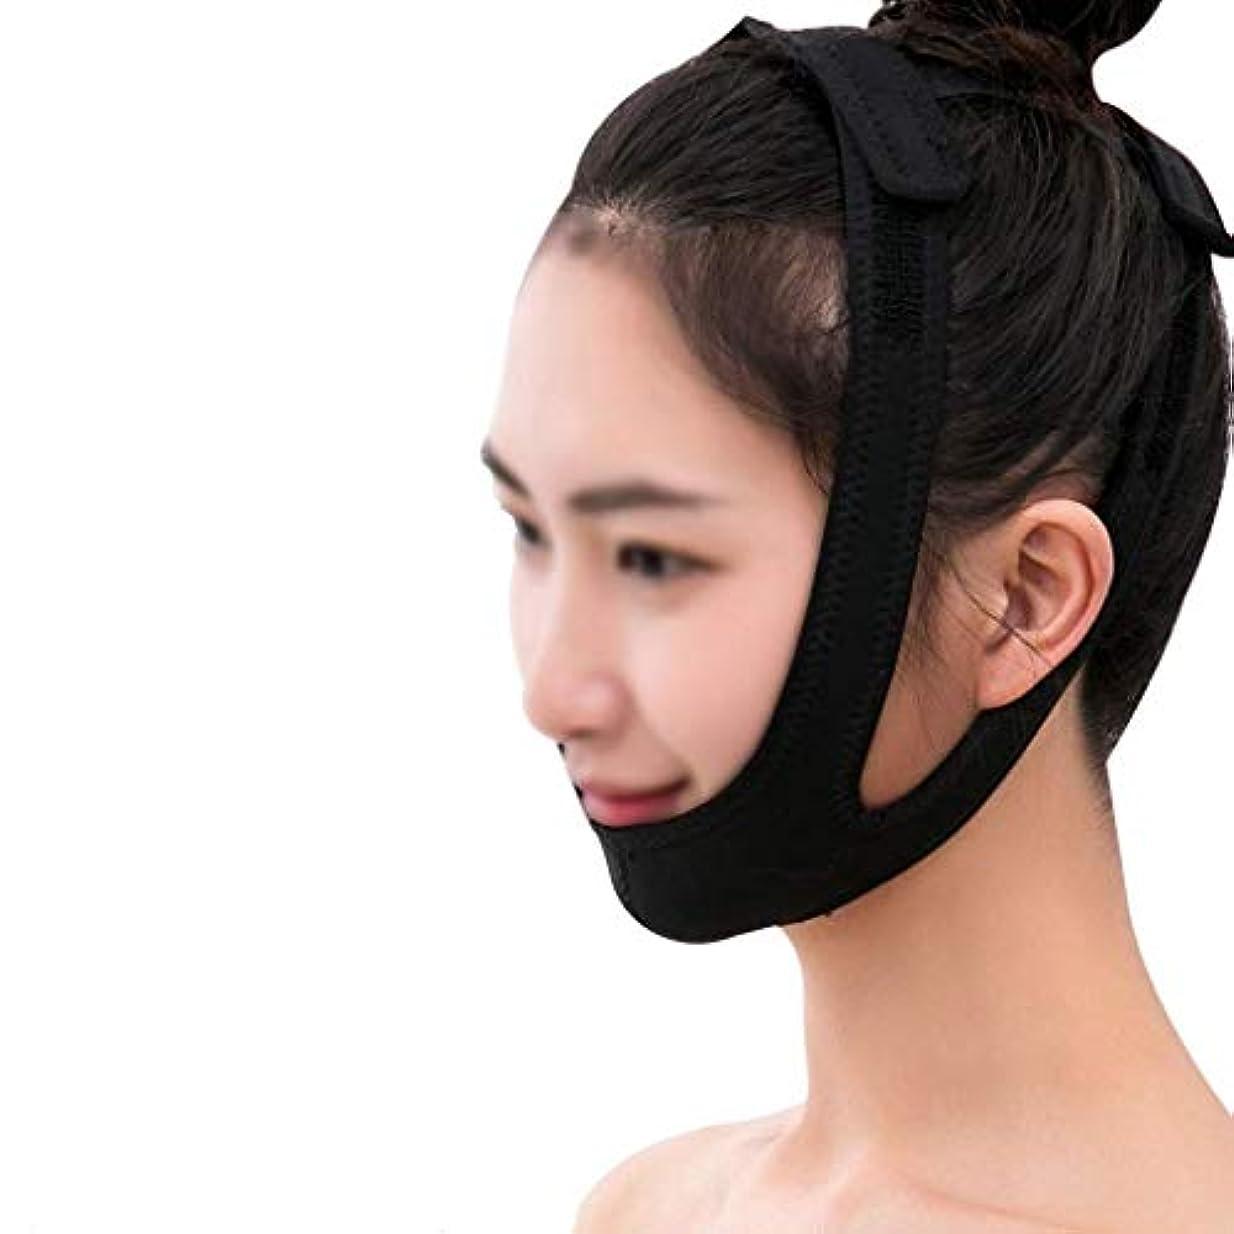 限りなく火山延ばすフェイシャルリフティングマスク、医療用ワイヤーカービングリカバリーヘッドギアVフェイスバンデージダブルチンフェイスリフトマスク